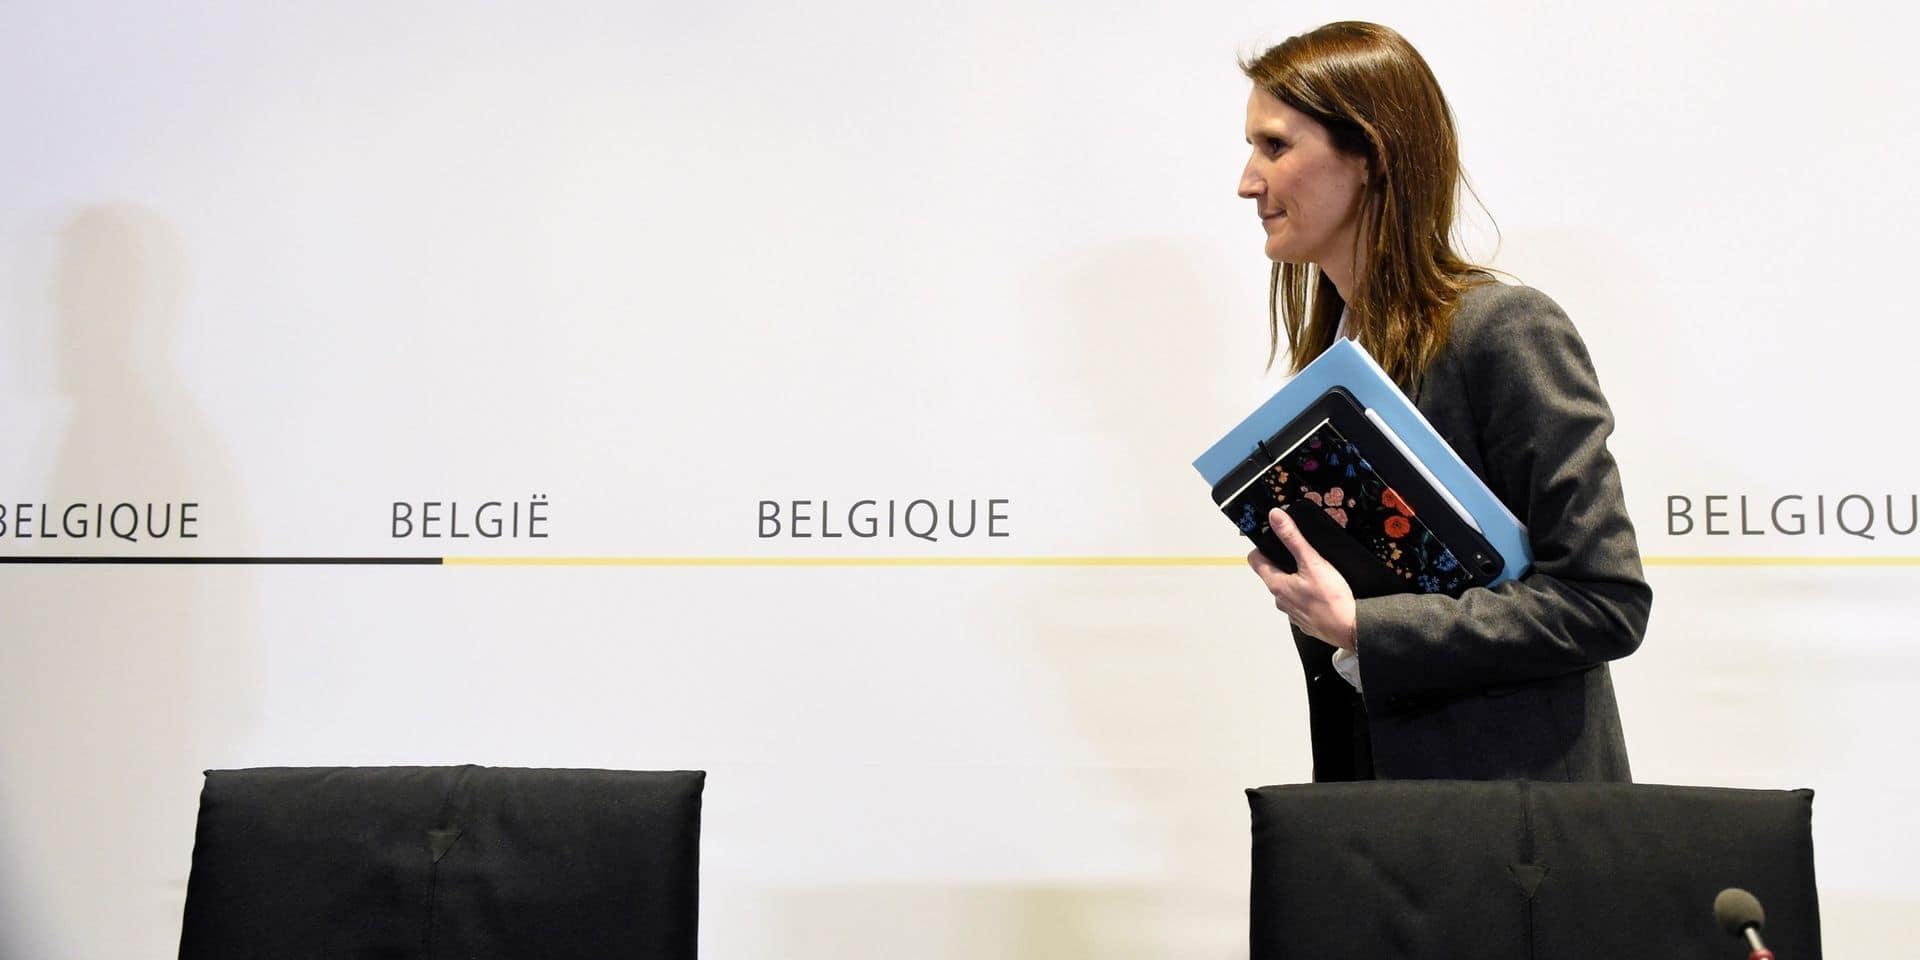 """""""Ce ne sera pas facile"""", """"Conséquences économiques sans précédent"""", """"Grand reset"""": les réactions de la presse francophone aux nouvelles mesures de confinement"""